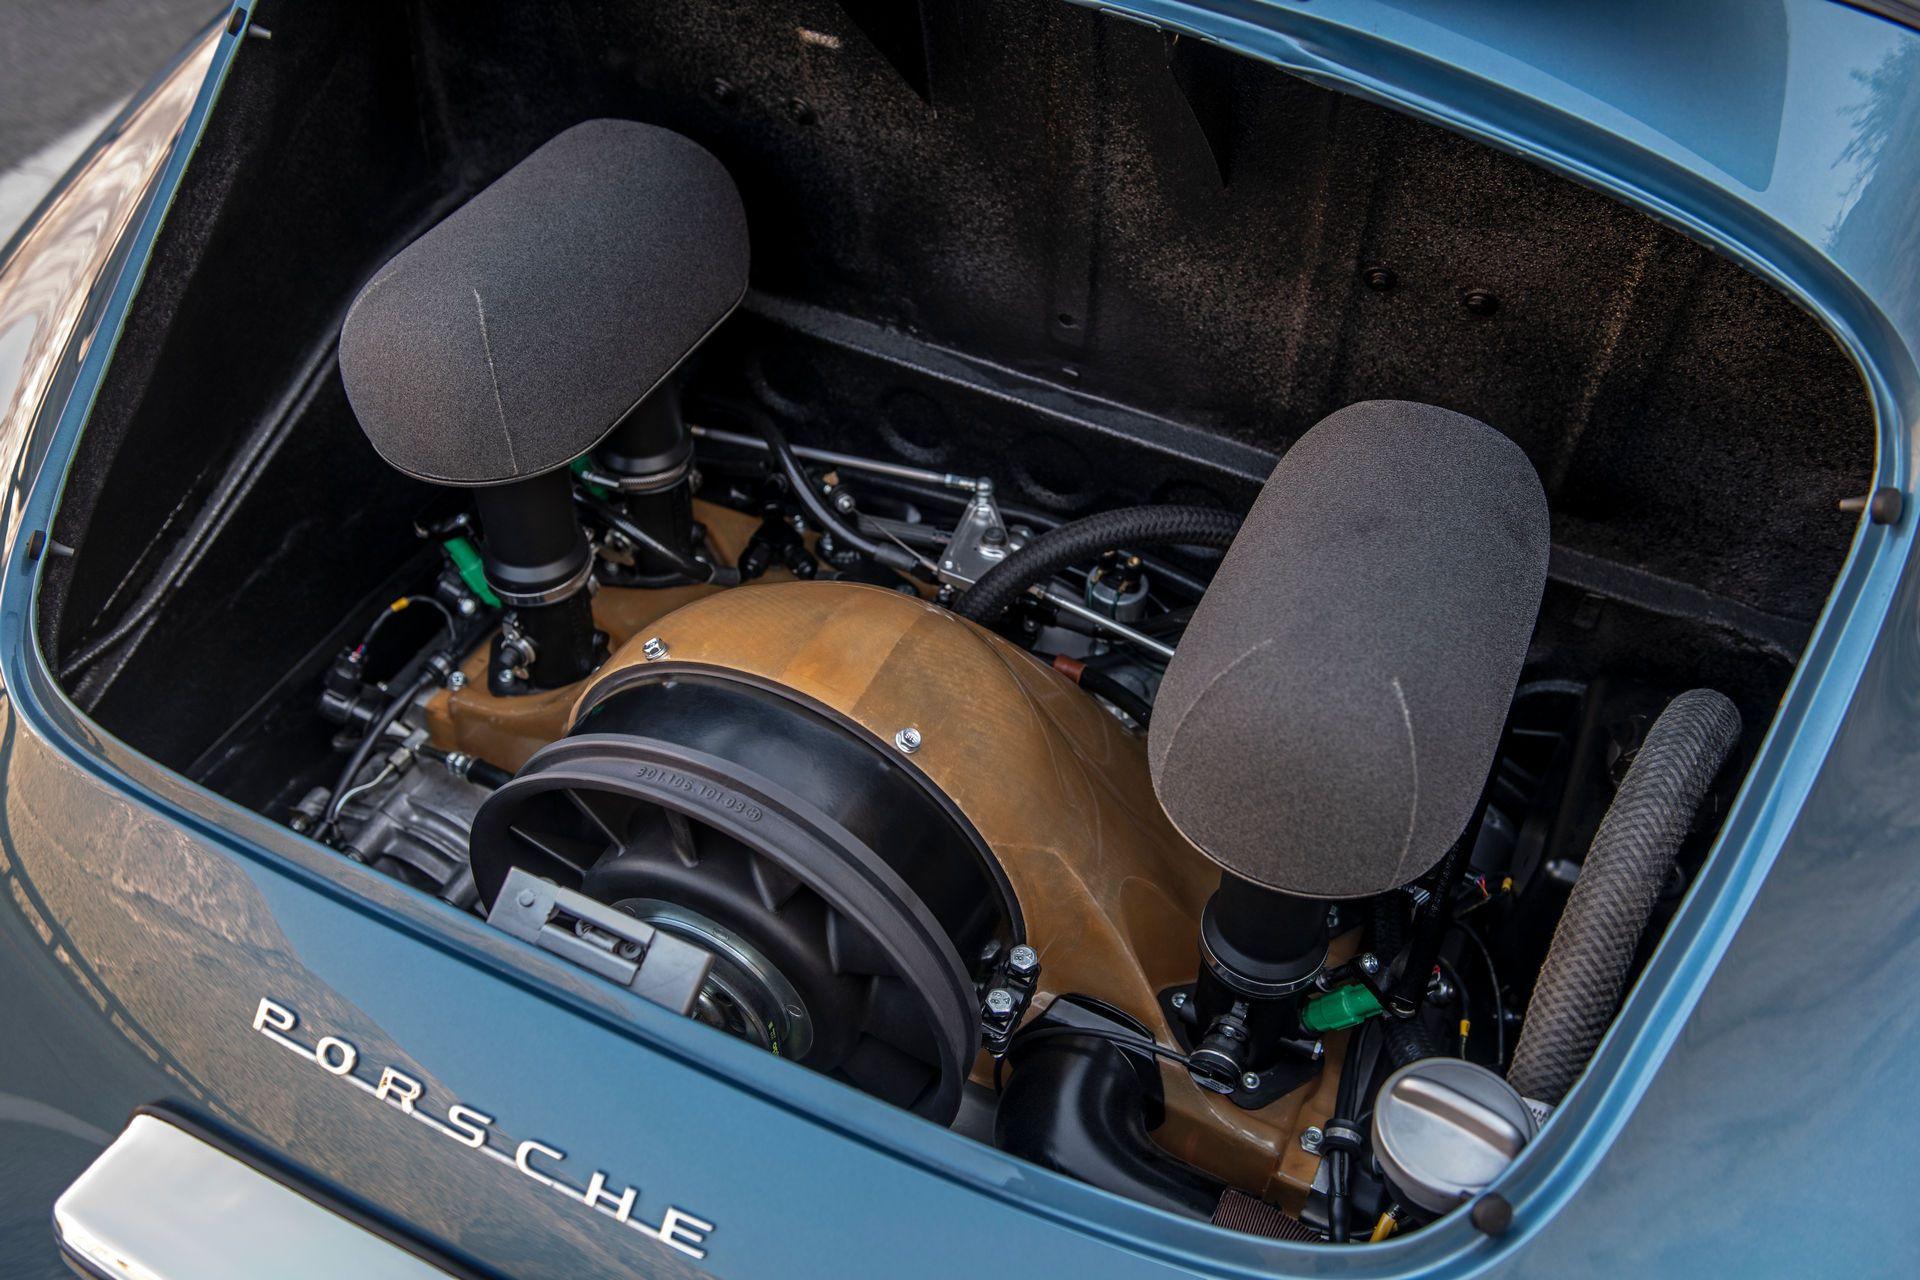 Porsche-356-A-Coupe-Restomod-Emory-Motorsports-61